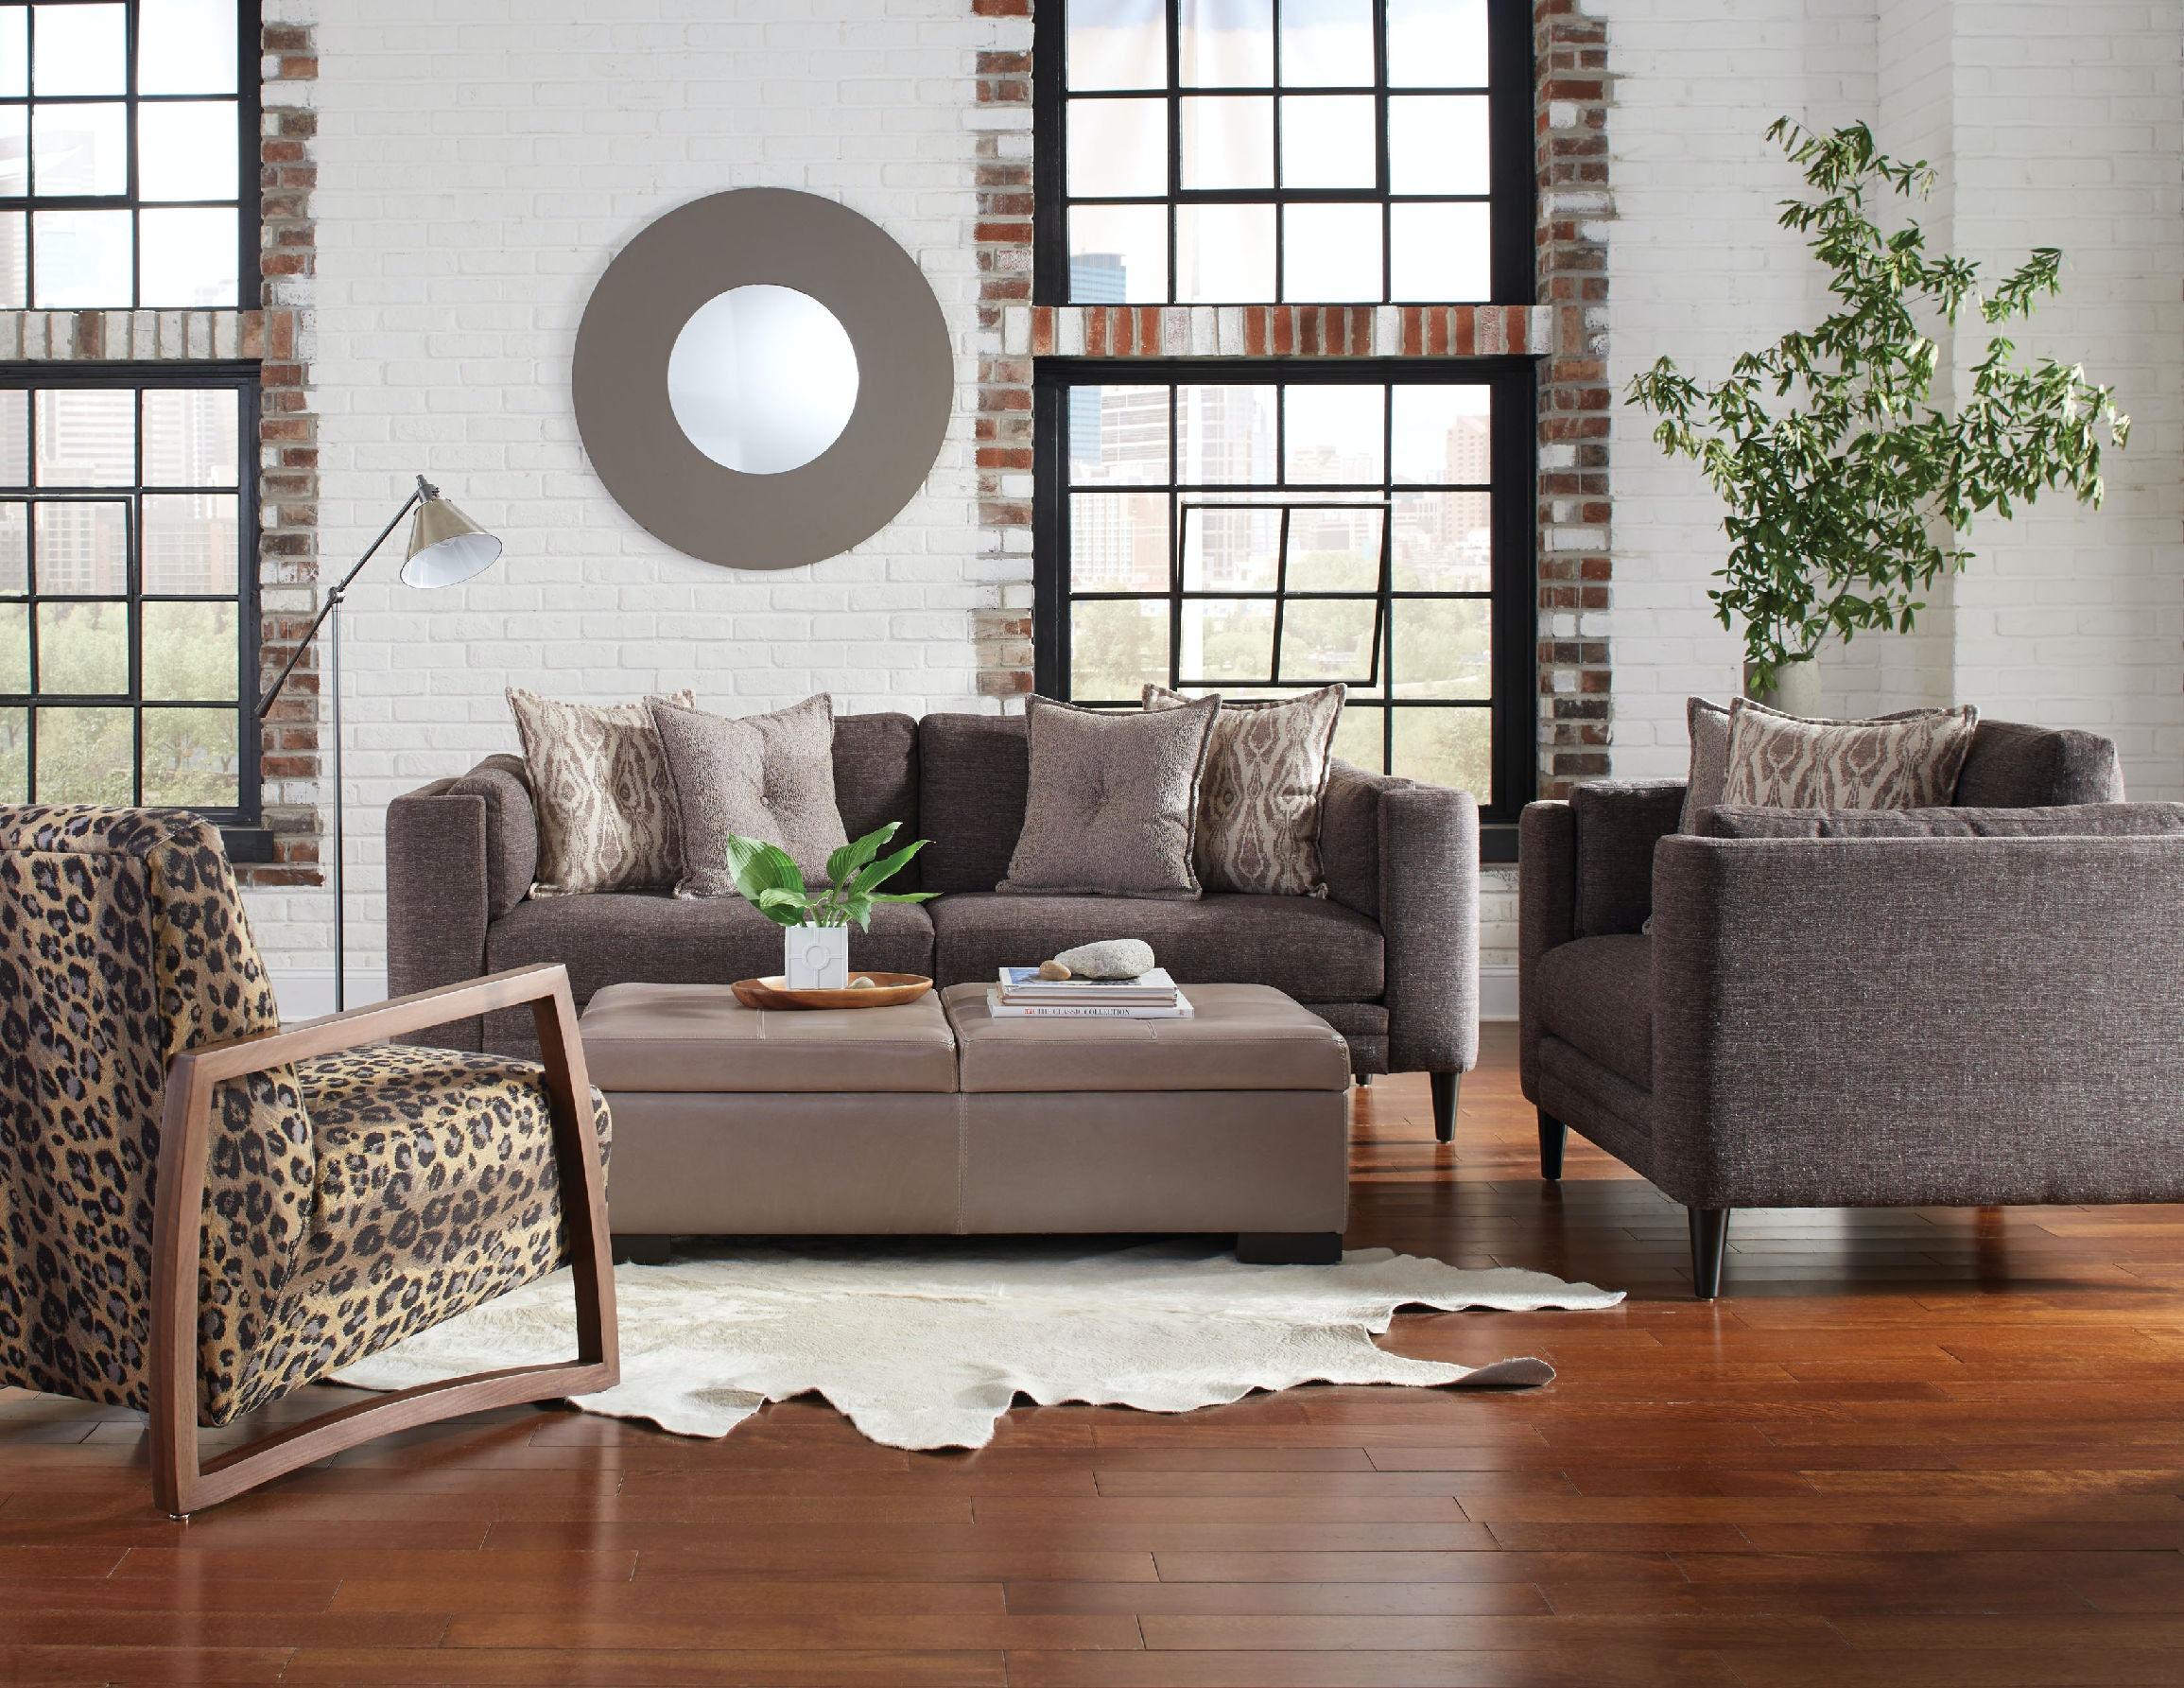 Indiana Furniture.com